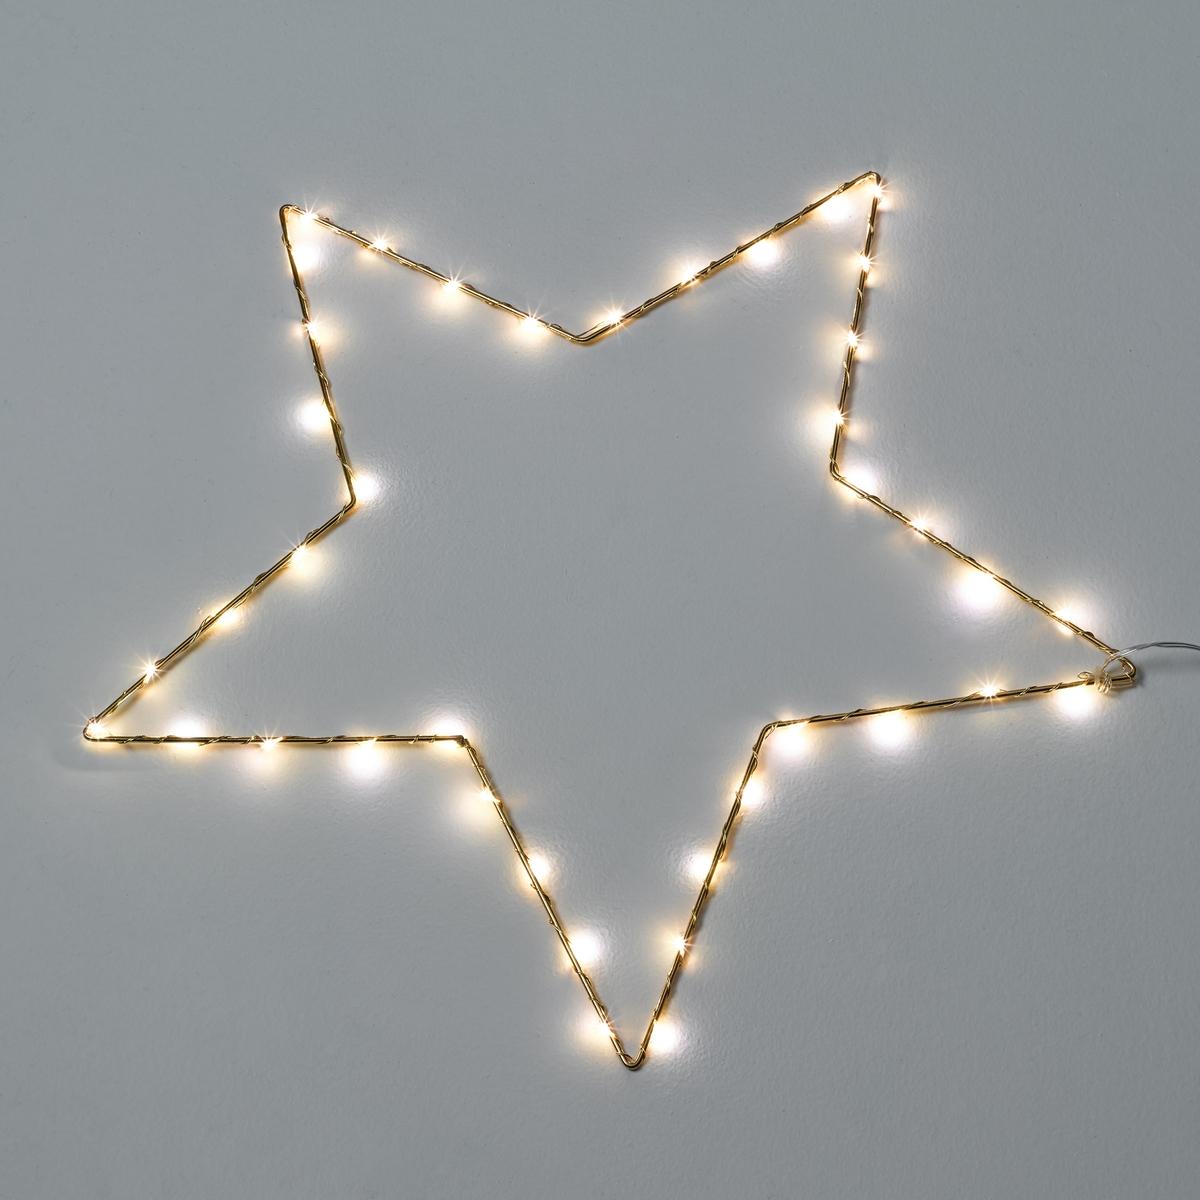 Светодиодный светильник в форме звезды, OmaraСветильник Omara. Светящаяся гирлянда в форме звезды. Поэтичный и декоративный светильник понравится малышам.Характеристики :- 40 миниатюрных светодиодов, 3 В, на металлическом кабеле- Не нагревается- Несменные лампы- Поставляется с адаптером 220 В, длина провода 3 м. - Без выключателя   Размеры :- Ш.50 x В.50 x Г.0,5 см.<br><br>Цвет: латунь<br>Размер: единый размер